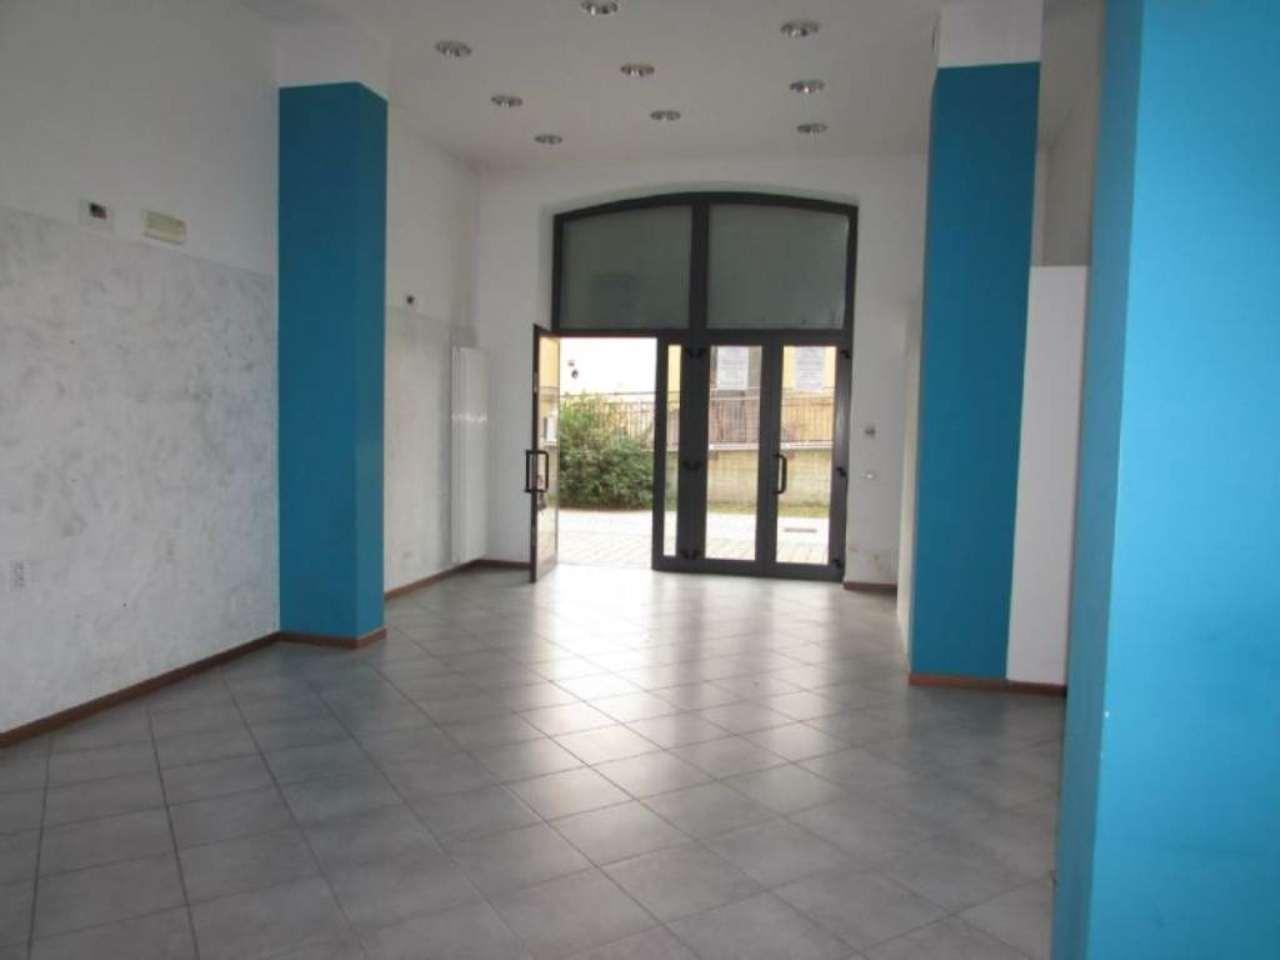 Negozio / Locale in affitto a Melegnano, 1 locali, prezzo € 1.000 | Cambio Casa.it